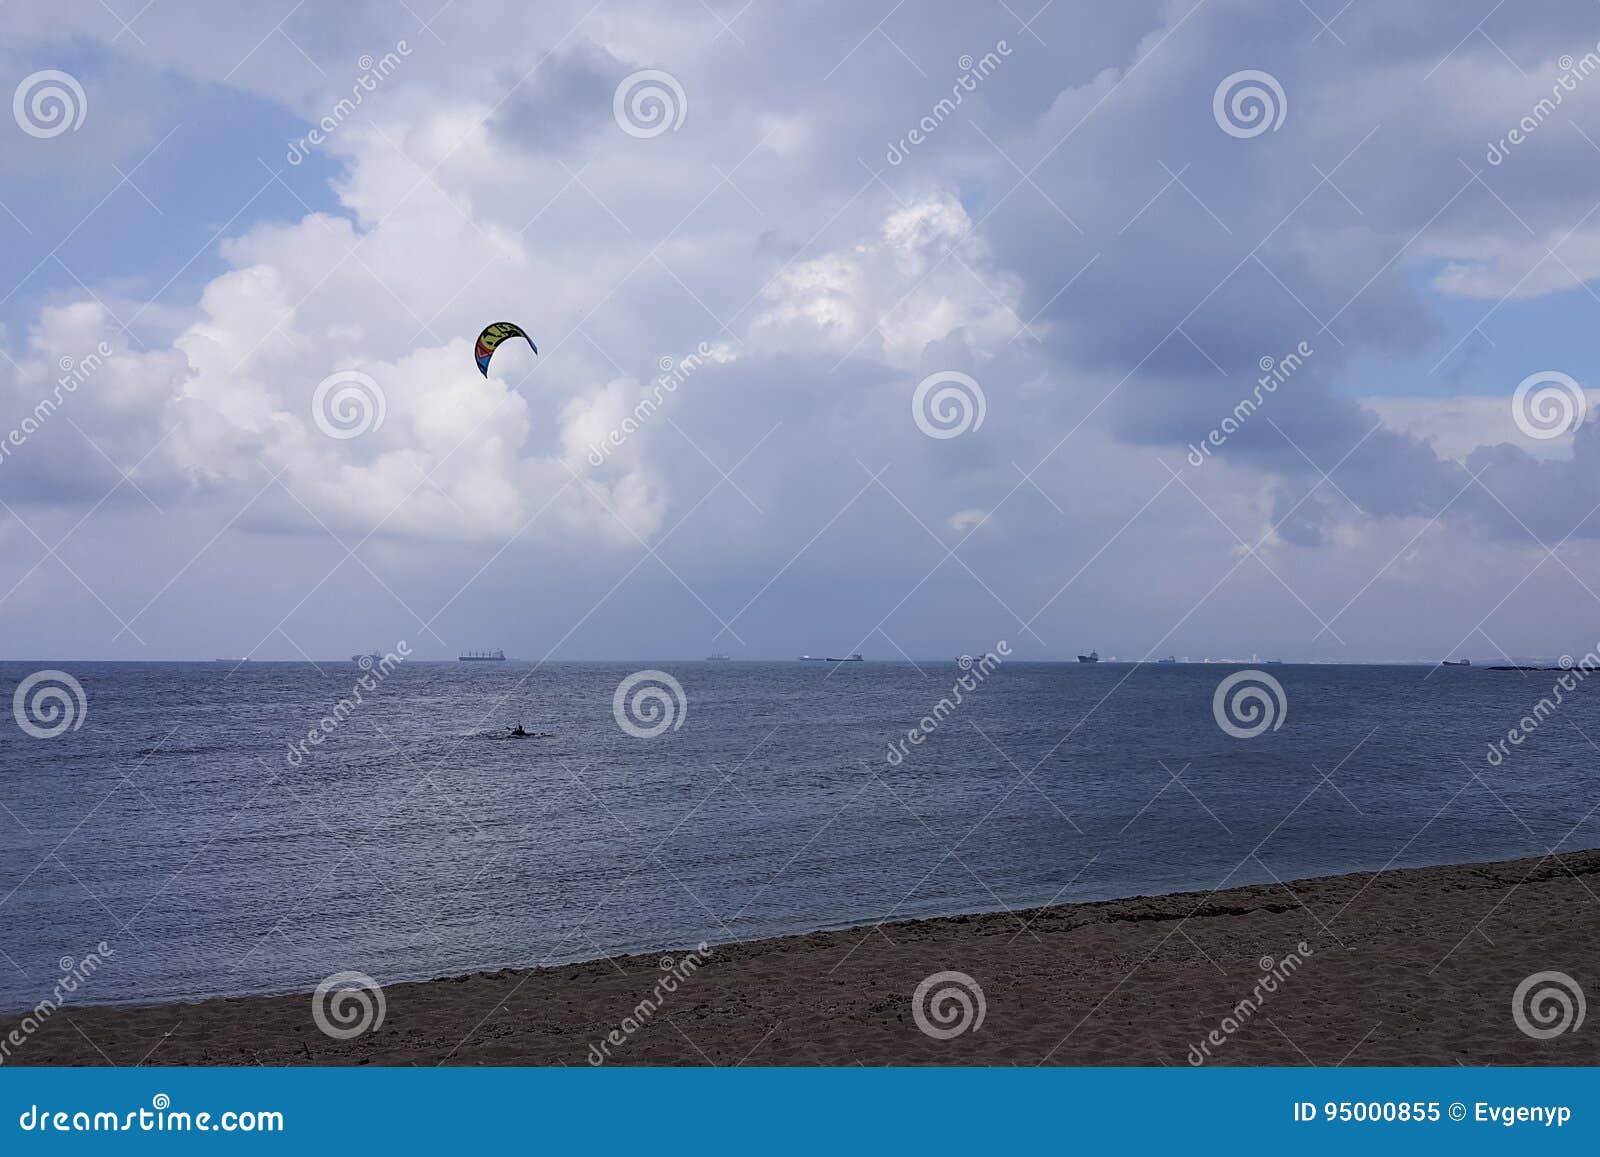 Molnigt väder på kusten, surfare rider i regnet som hänger fördunklar